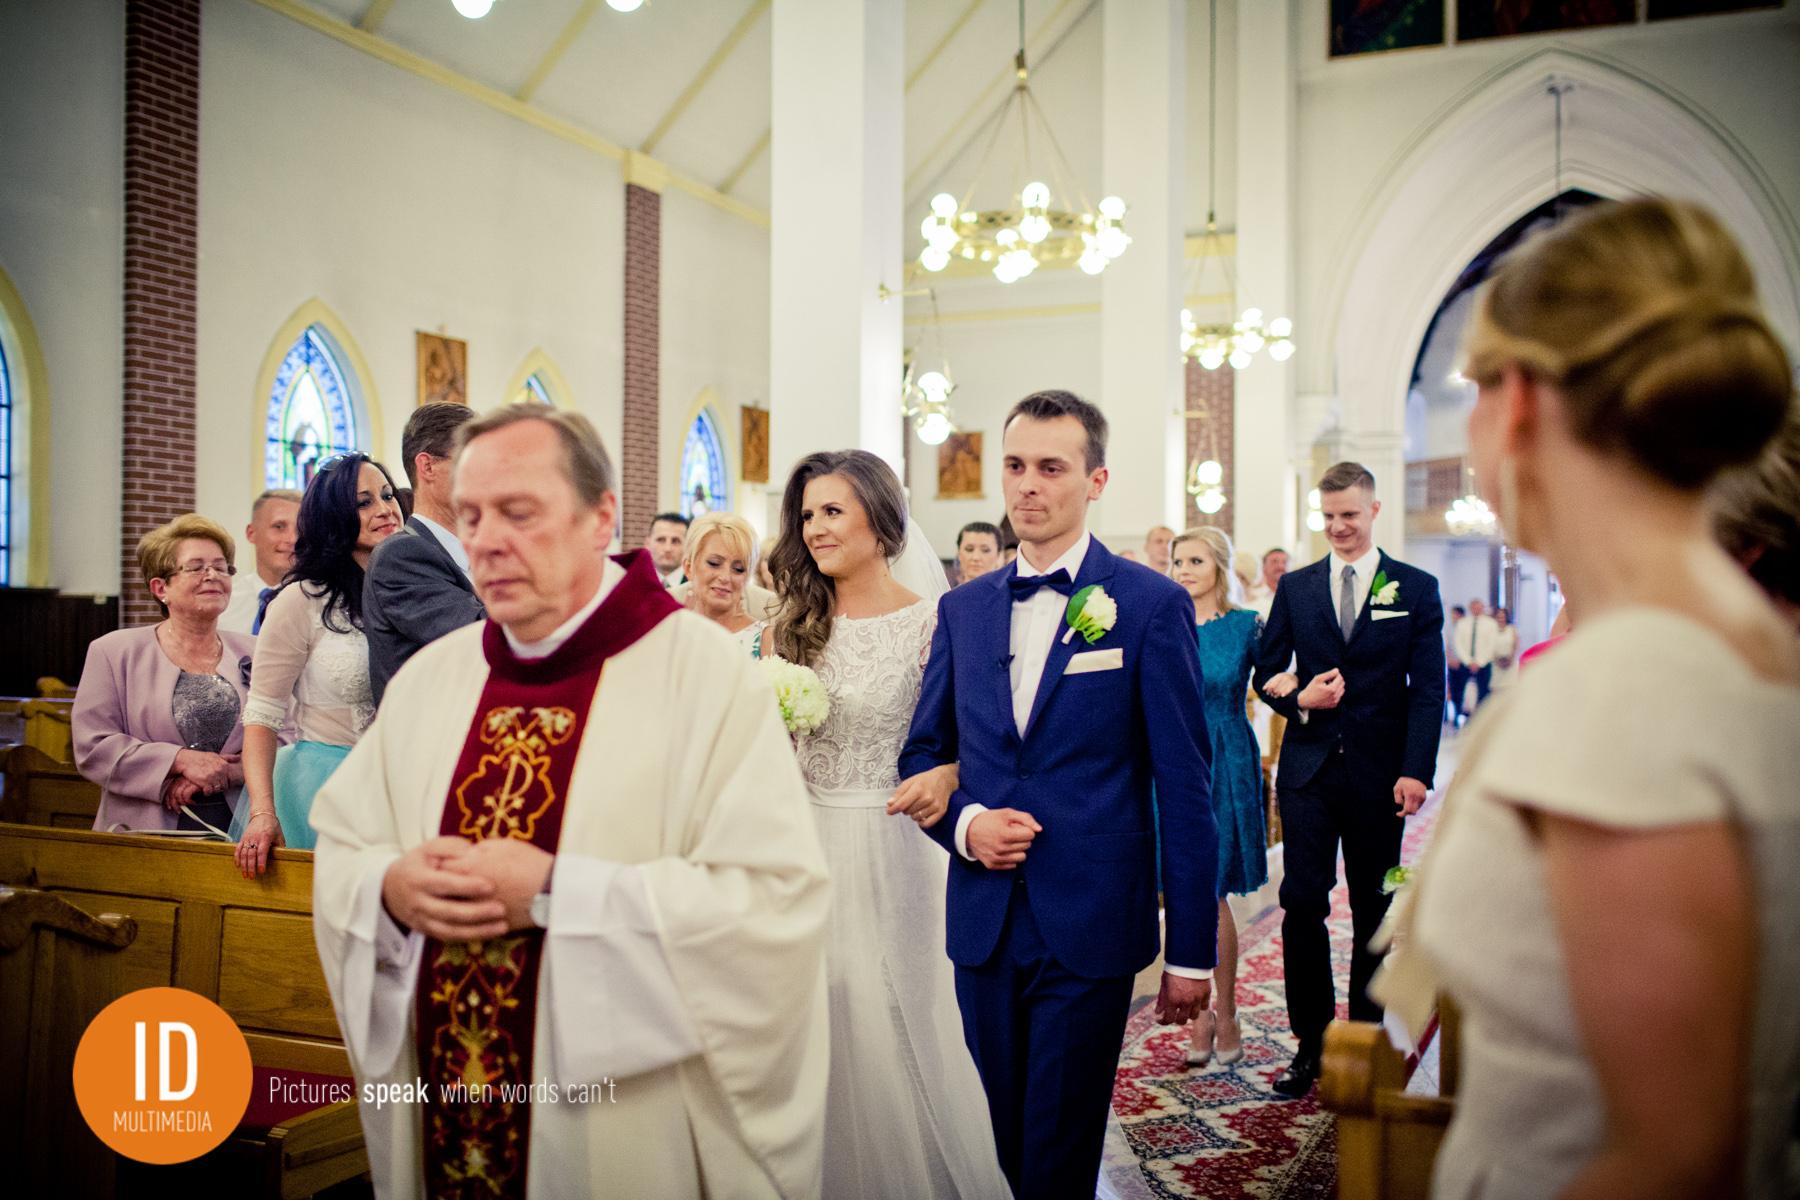 Wejście do kościoła zdjęcia ślubne